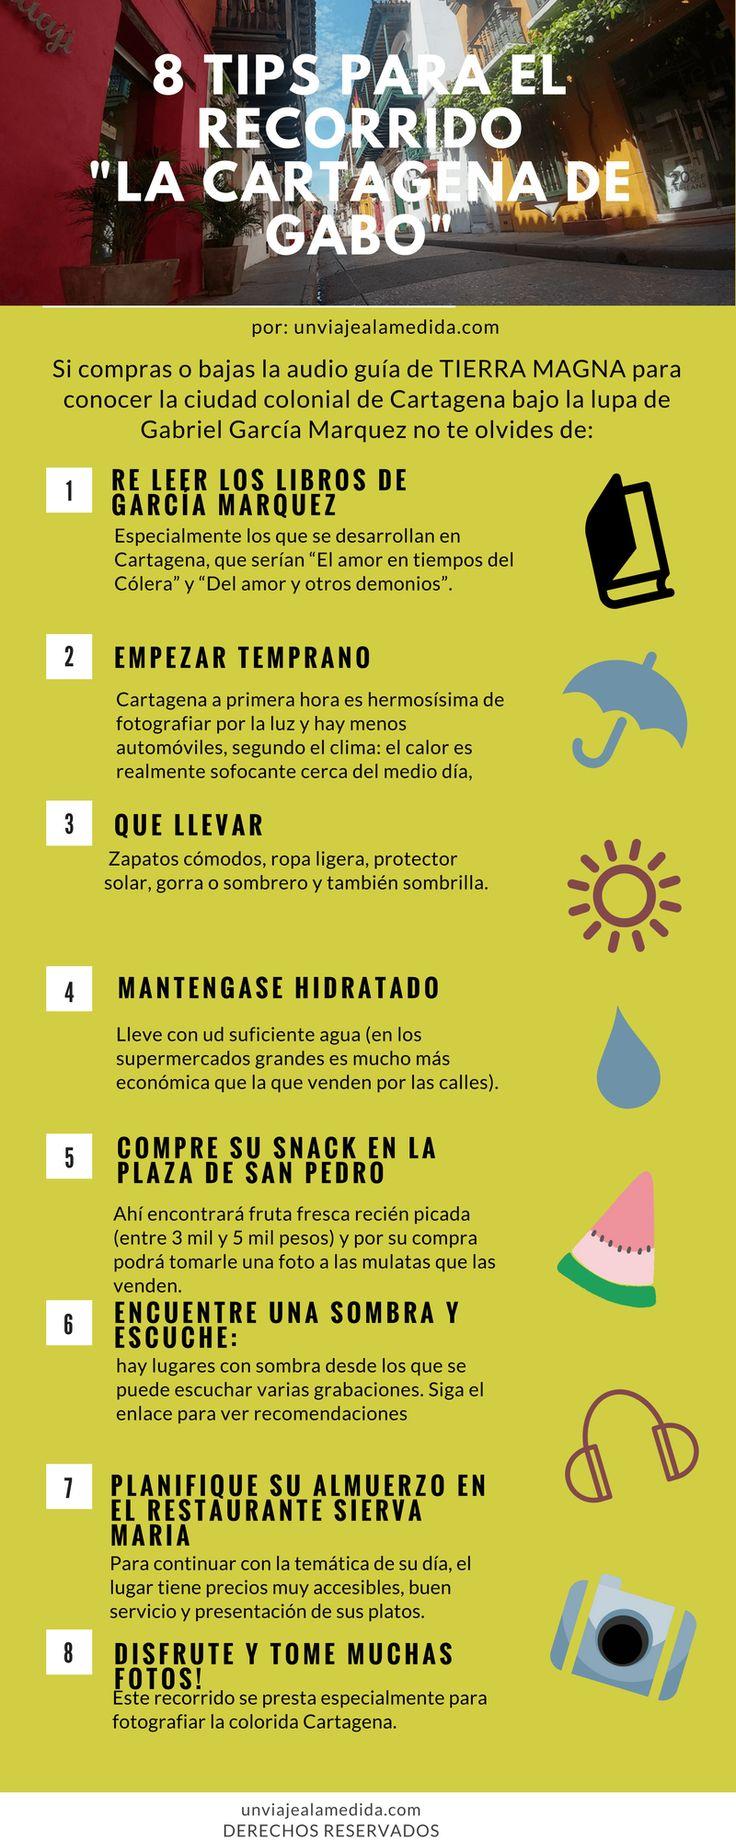 Tips para hacer el audio tour de García Marquez